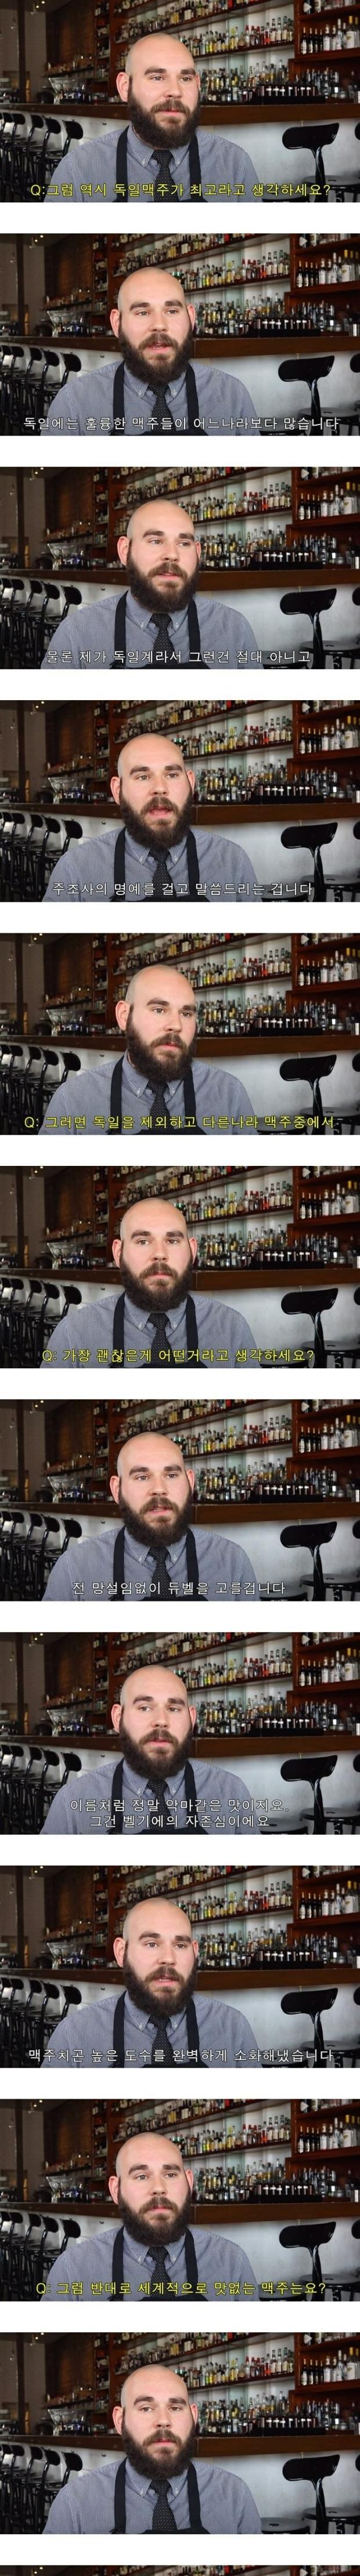 바텐더의 한국 맥주 평가